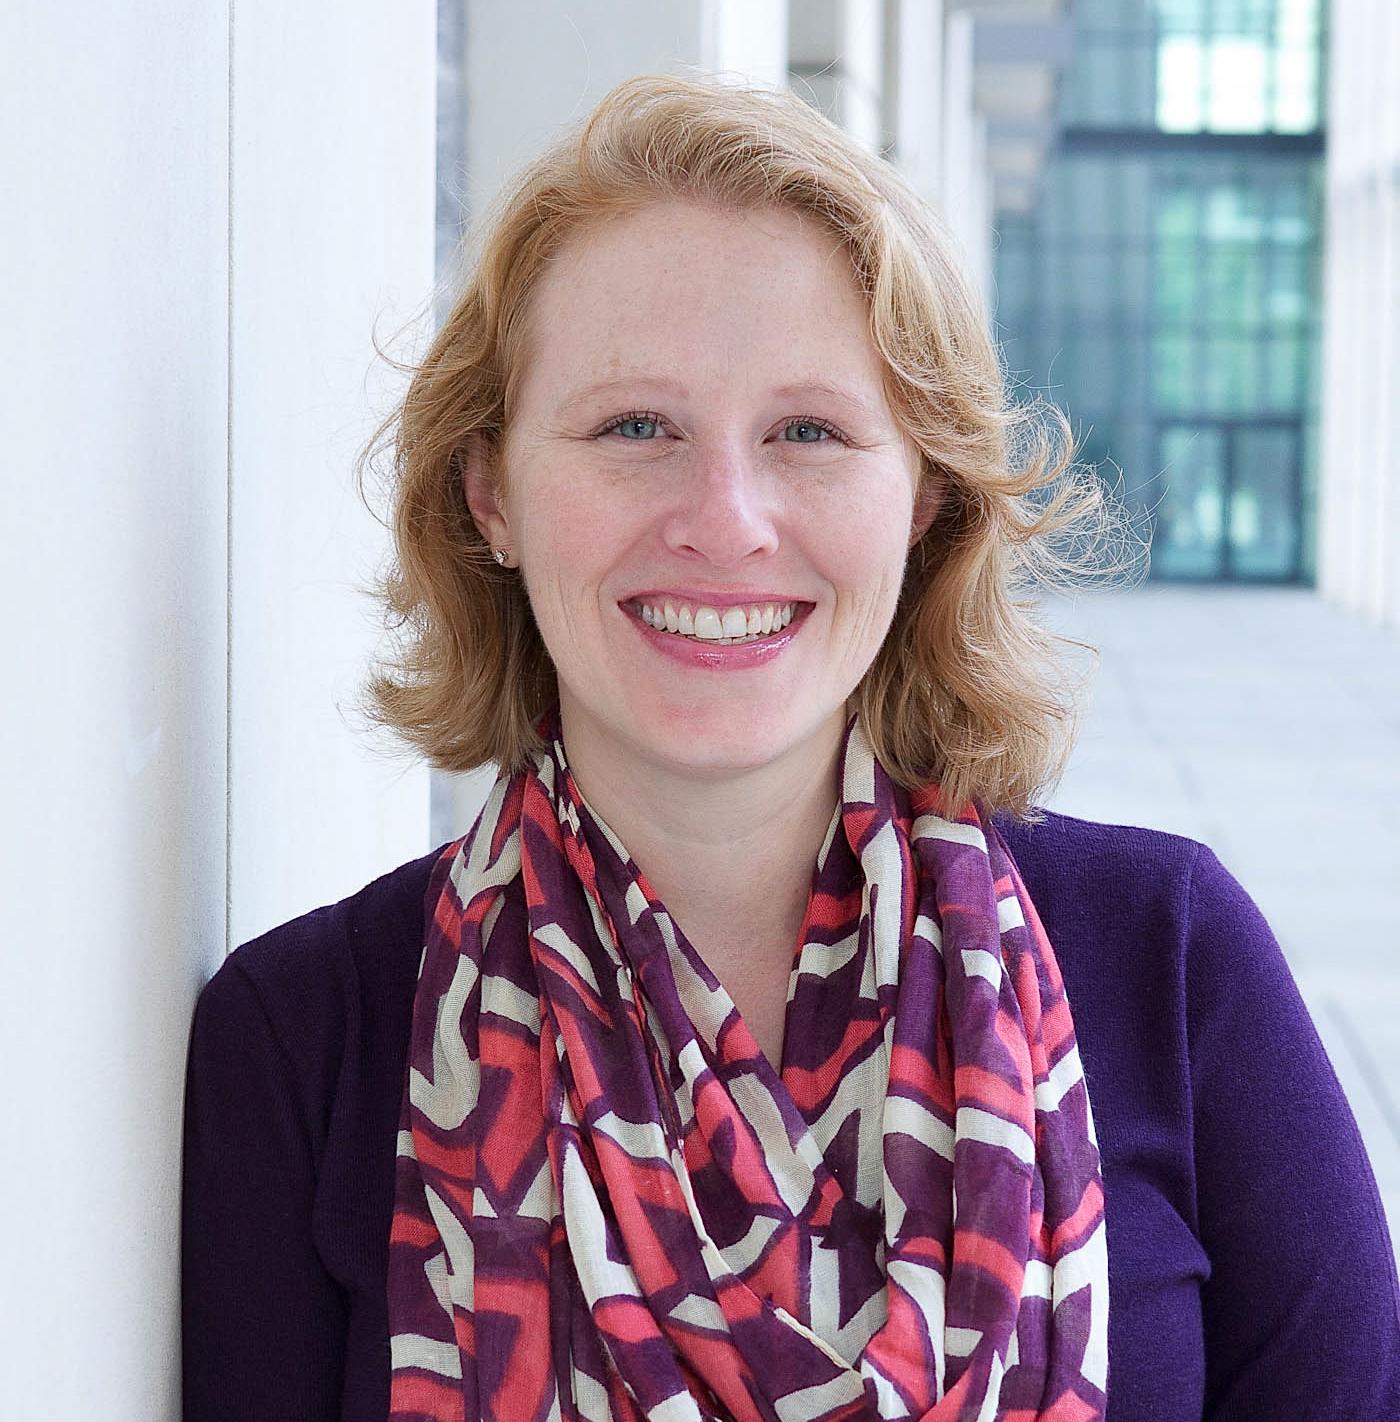 Kelli S. Boling, Ph.D.